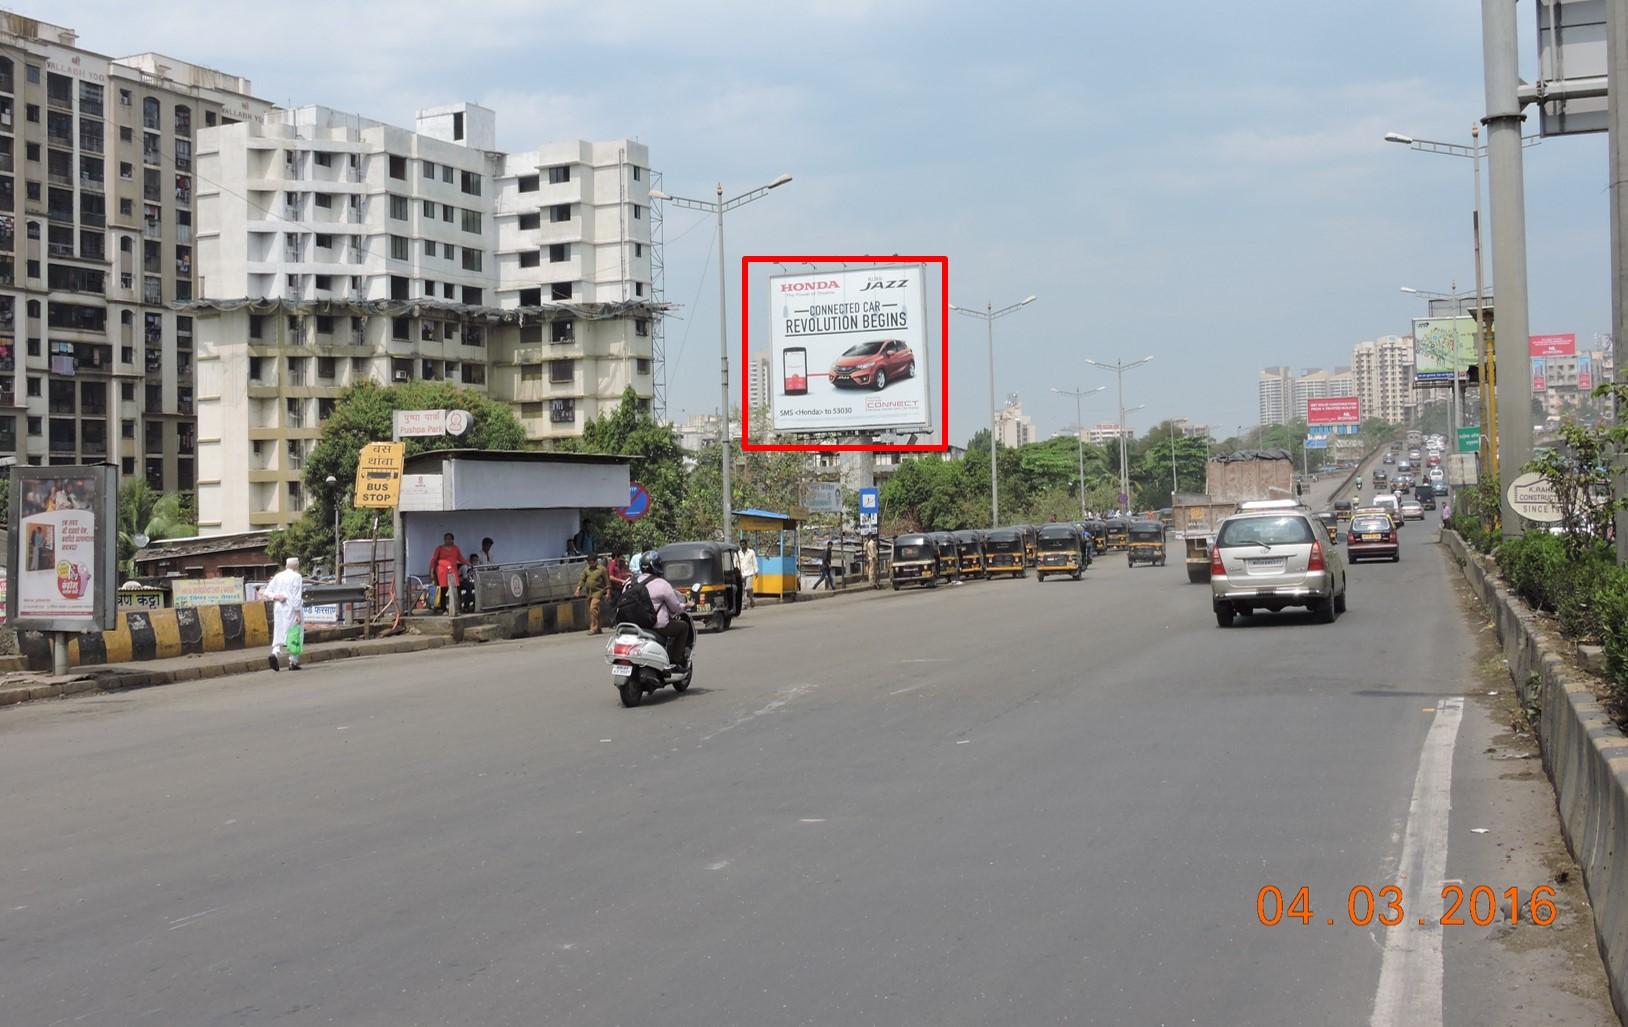 Malad TOI ET, Mumbai